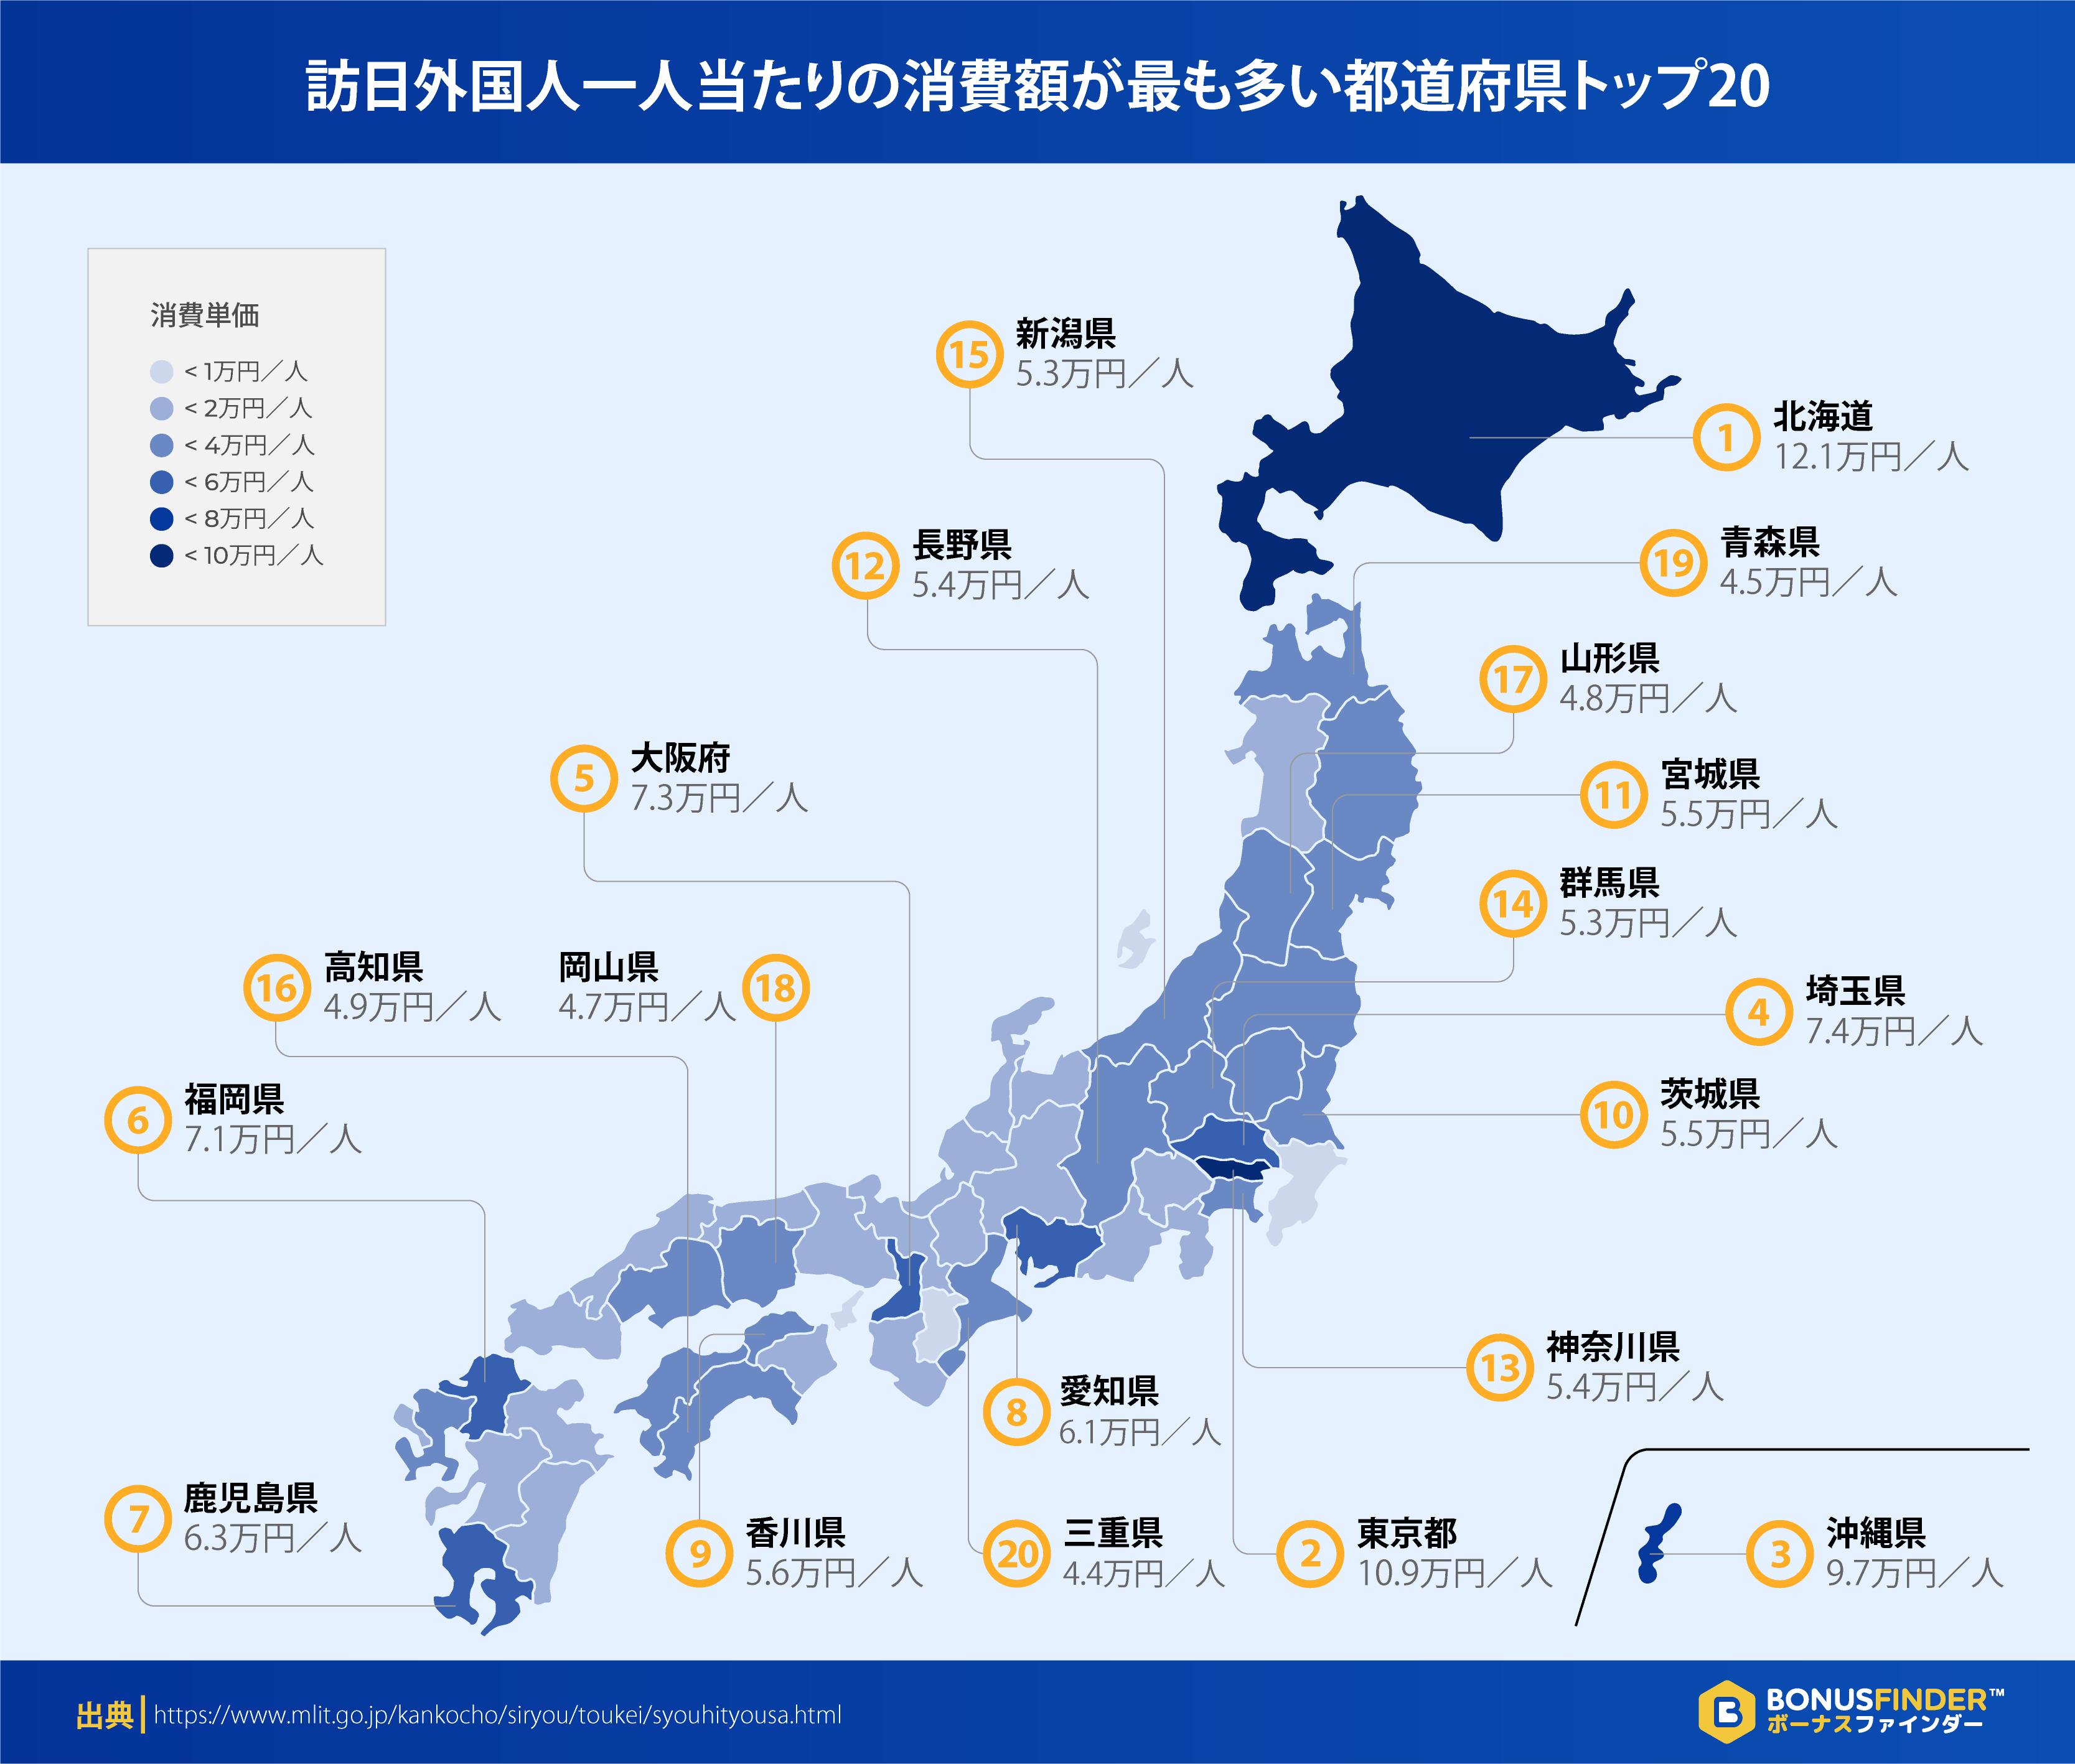 訪日外国人一人当たりの消費額が最も多い都道府県トップ20